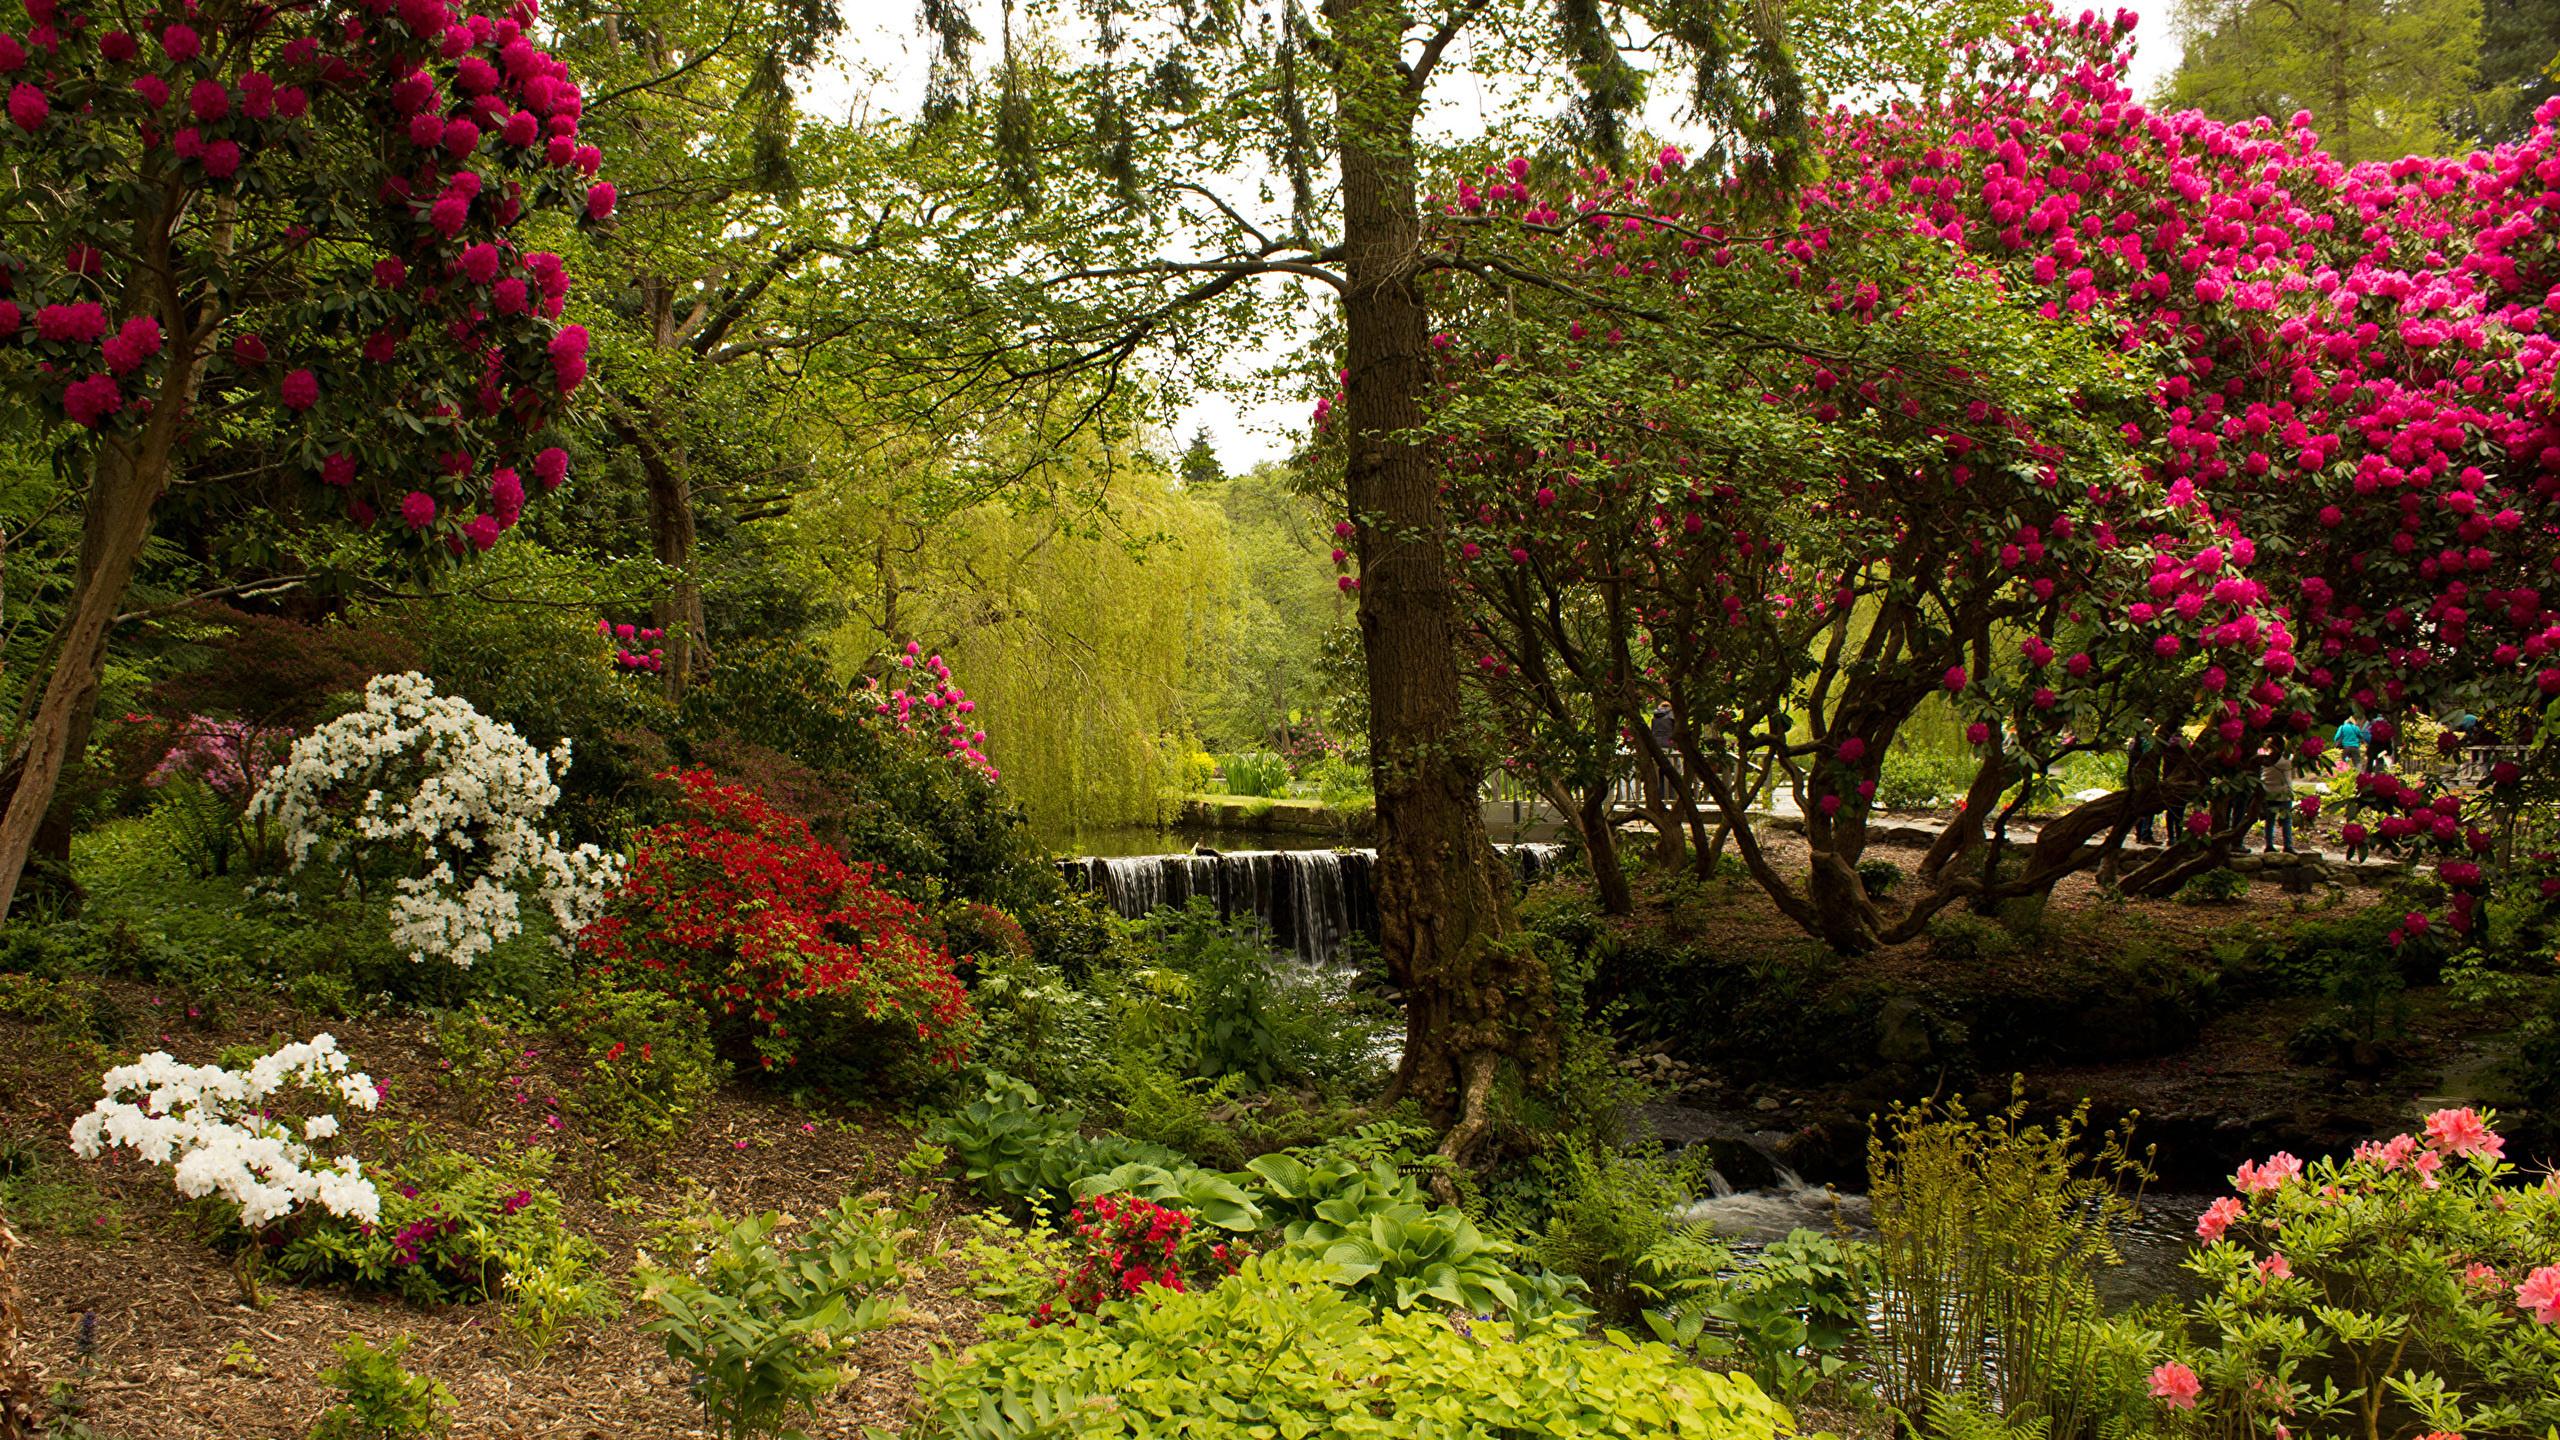 великобритания, сады, bodnant, garden, деревья, кусты, природа